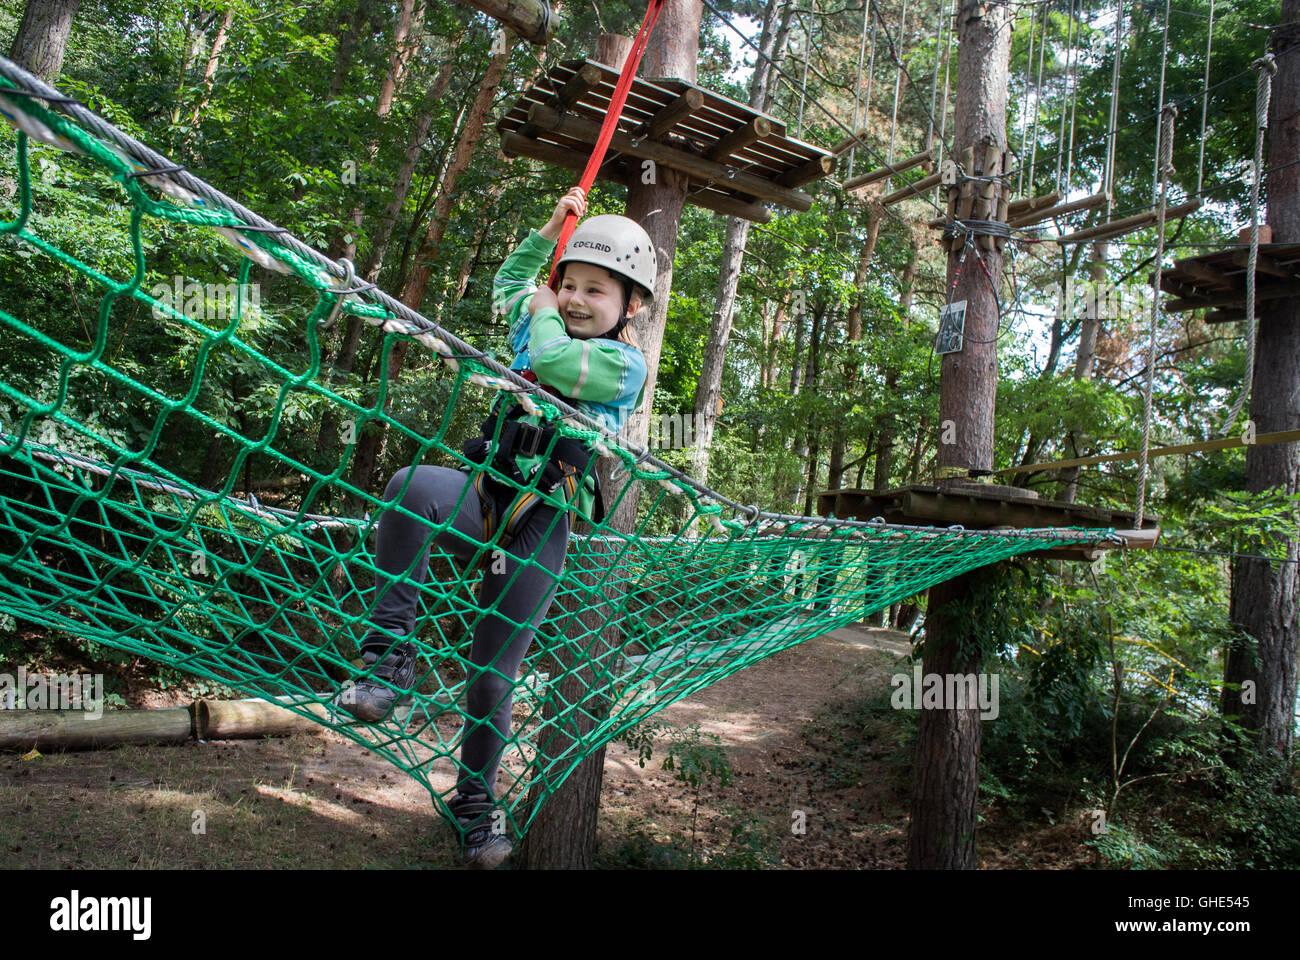 Giovane ragazza in un parco avventura in Germania. Immagini Stock